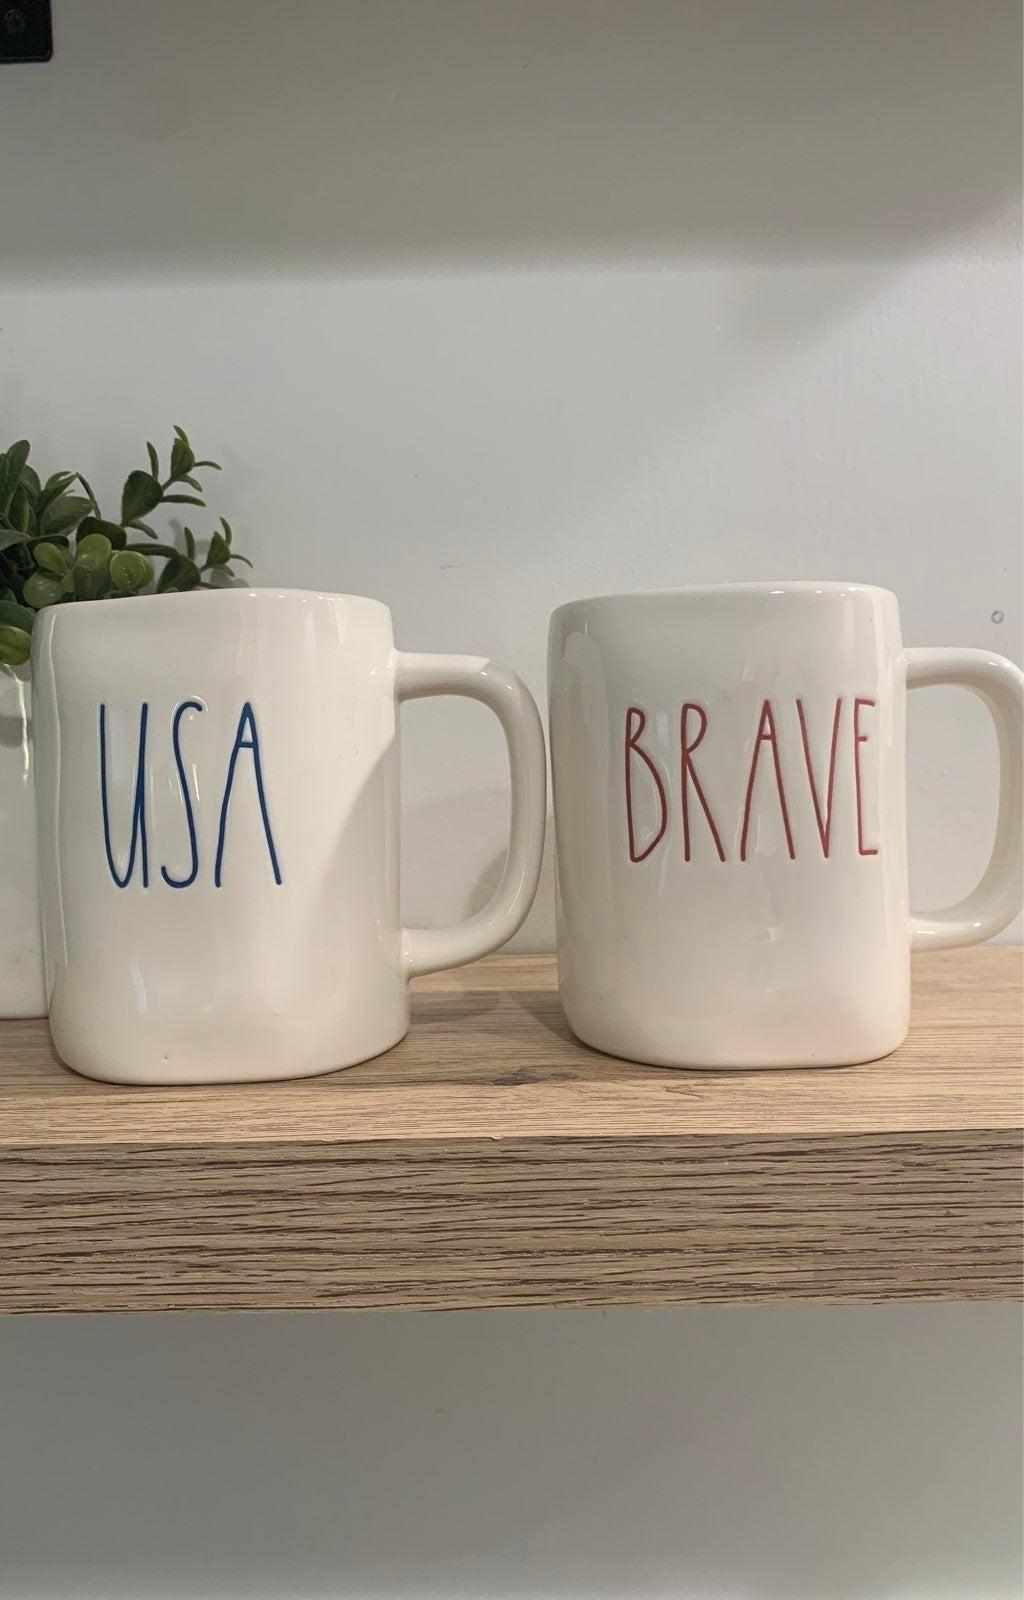 Rae Dunn USA mug & brave mug